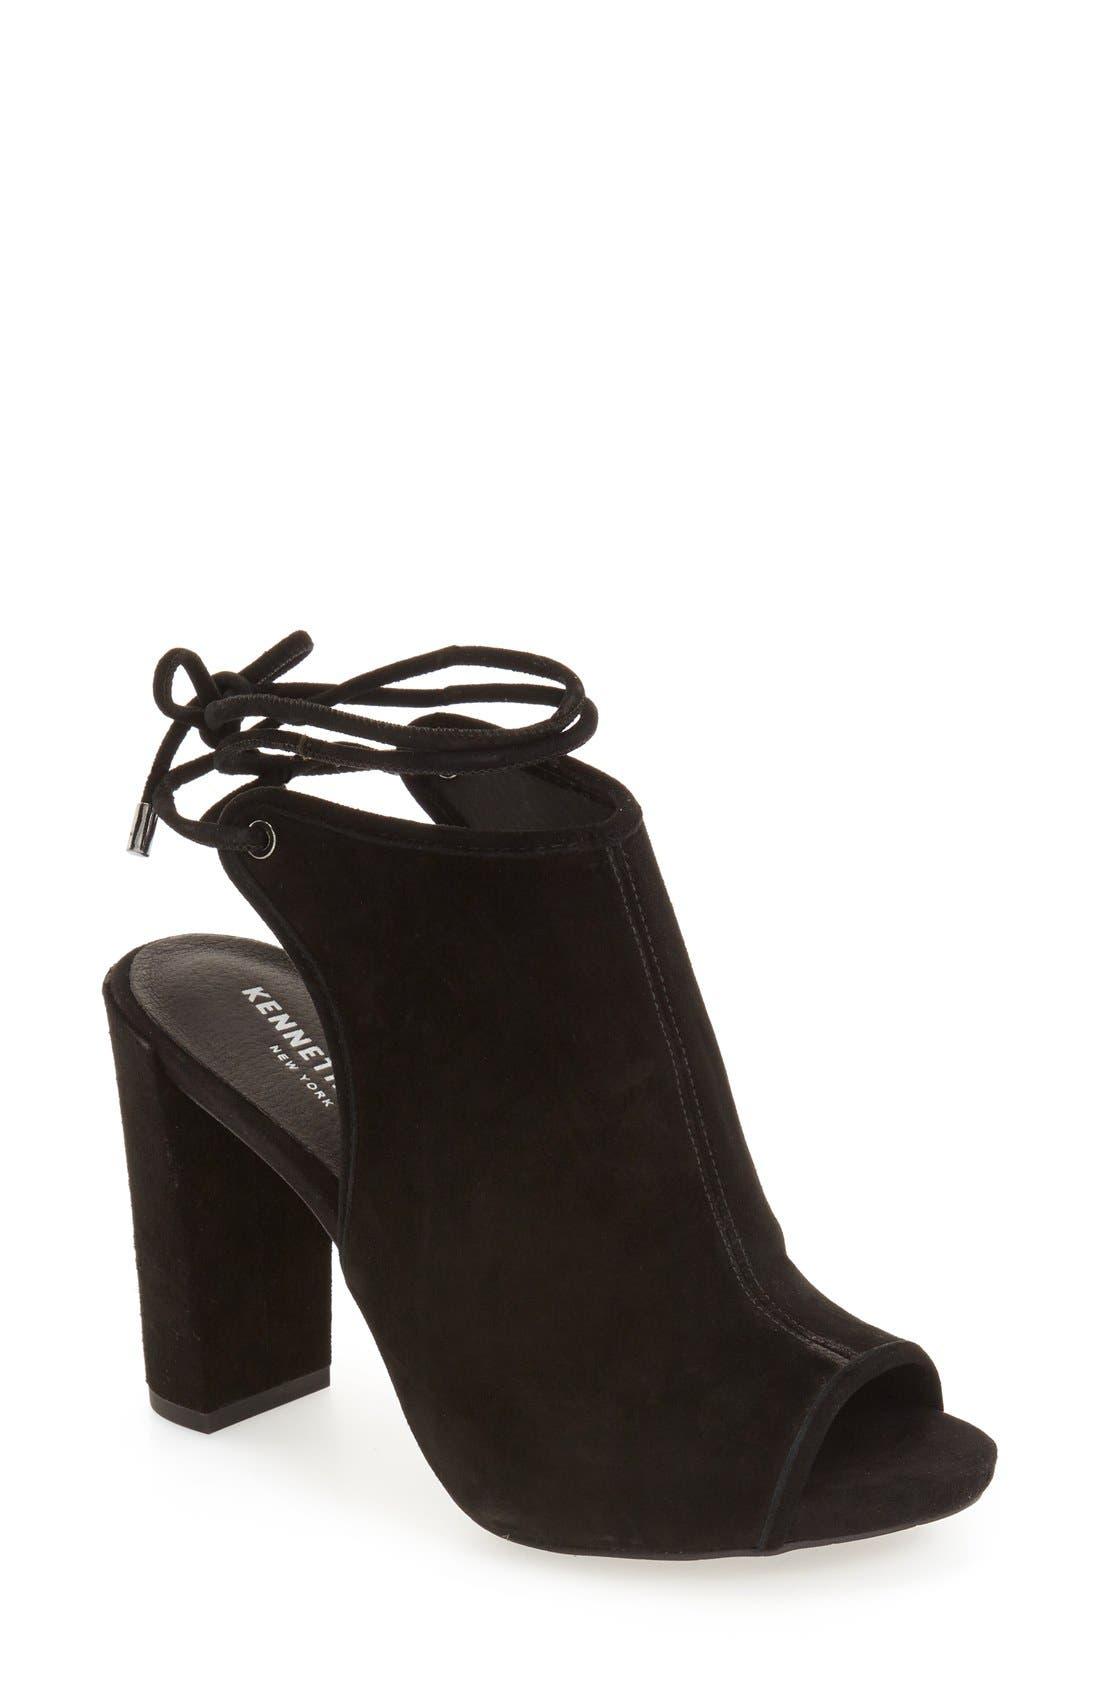 Kenneth Cole New York Darla Block Heel Sandal (Women)